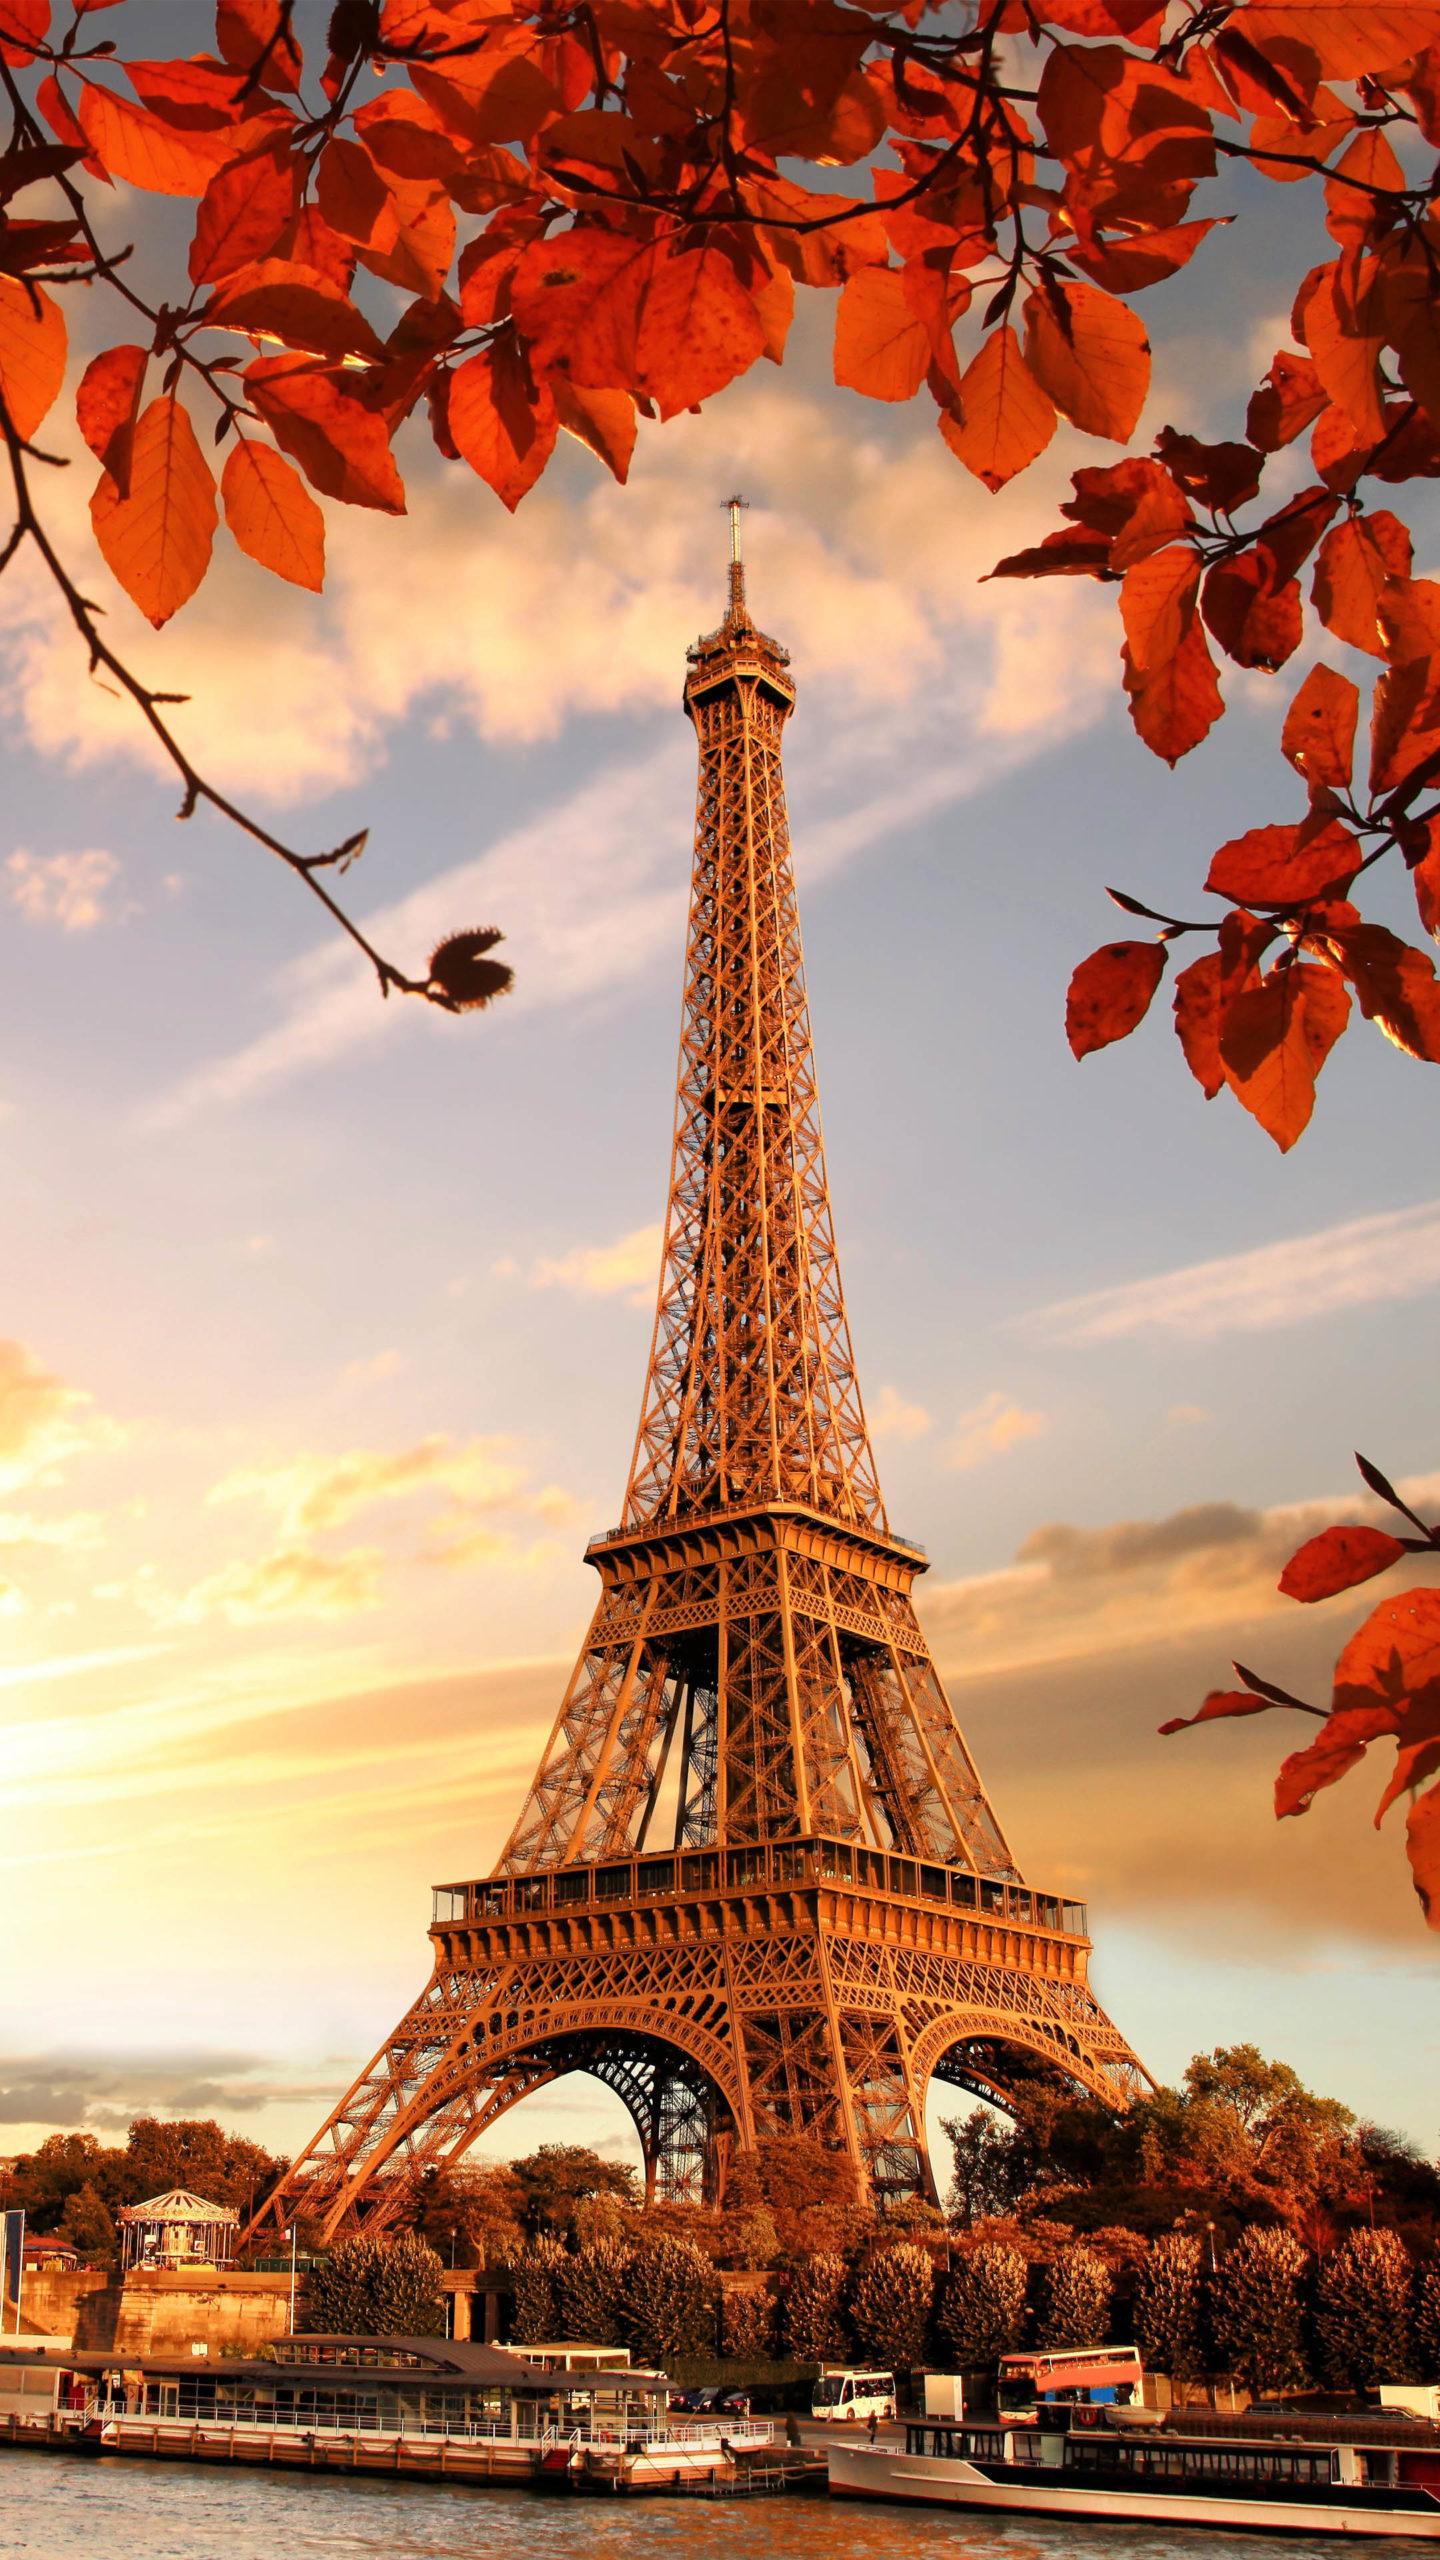 Eiffel Tower Autumn Sunset 4k Ultra Hd Mobile Wallpaper